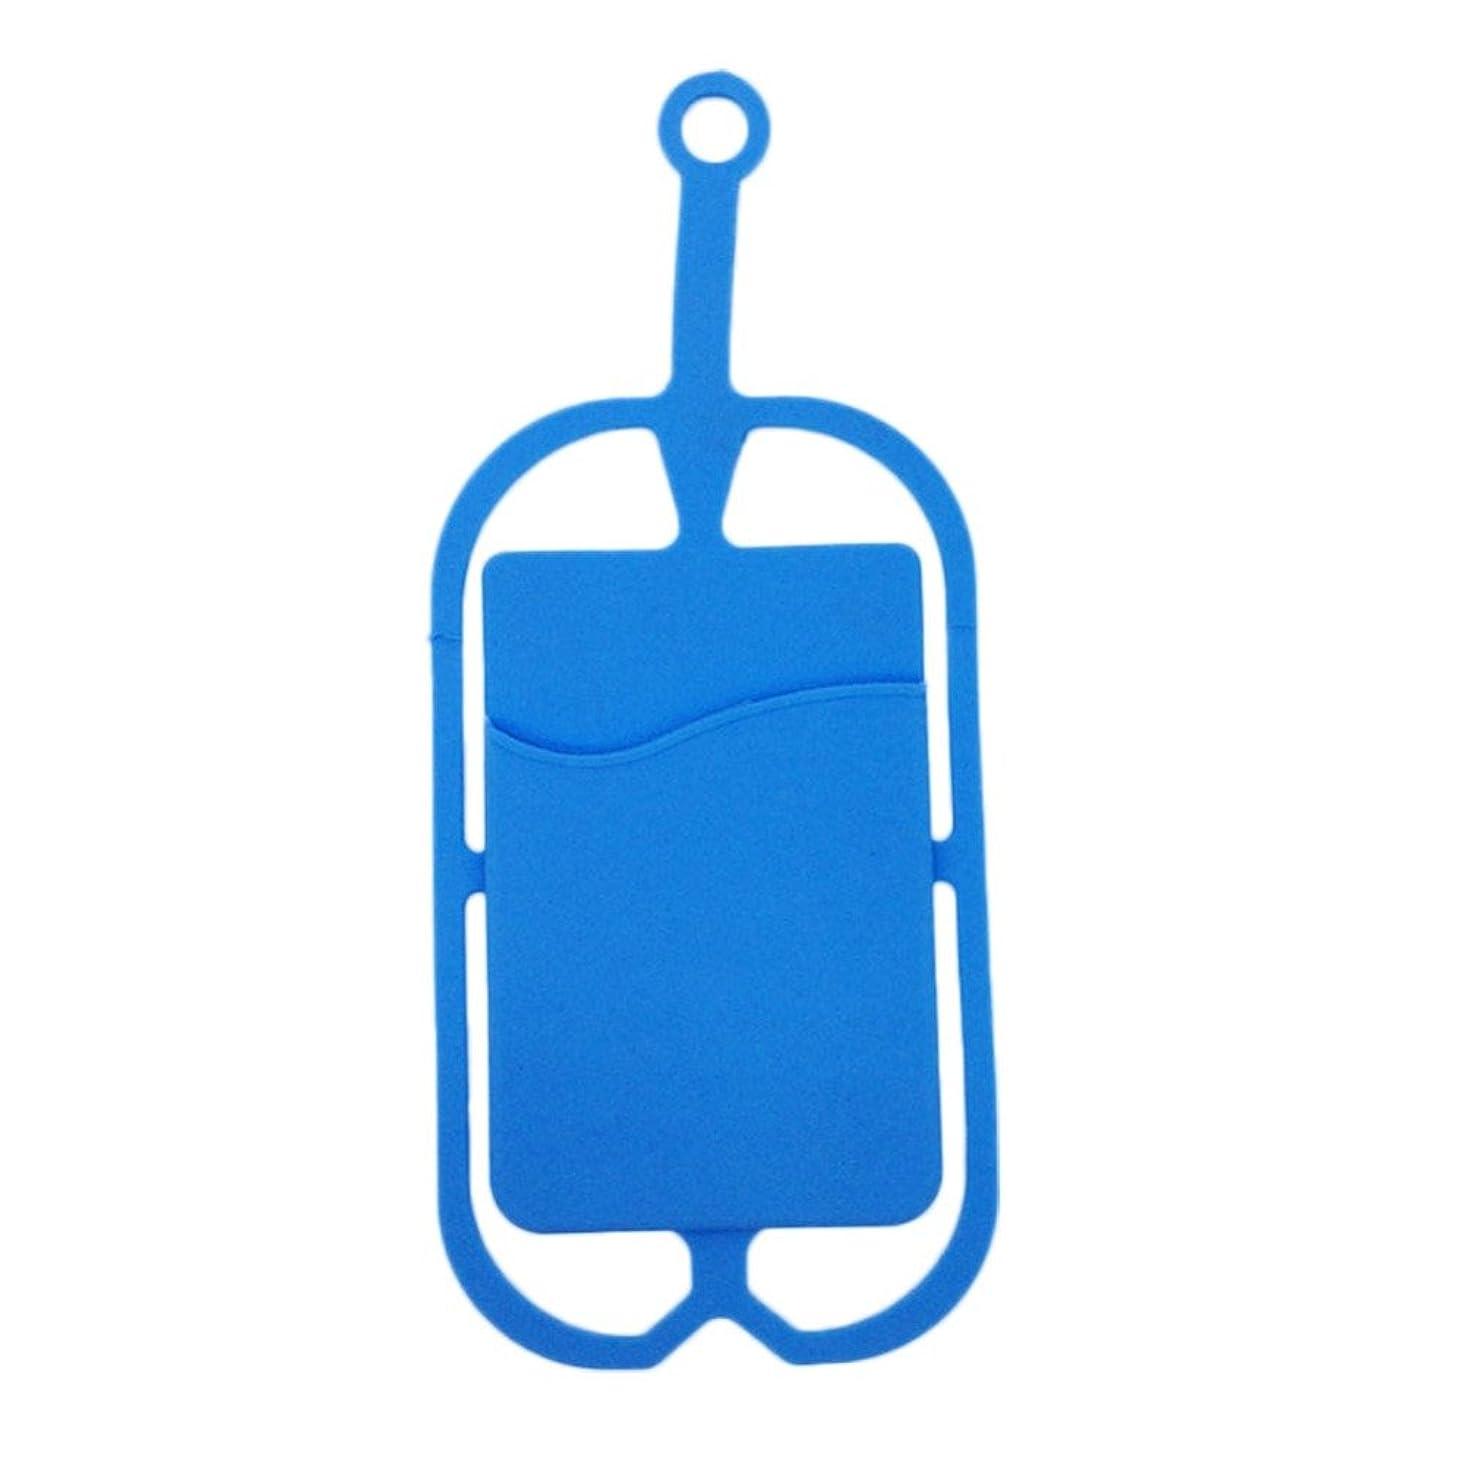 ぬるいフィクションなめらかJicorzo - ロープ環境に優しいユニバーサルシリコーン電話ケースカードカバーバス銀行IDカードケースホルダー